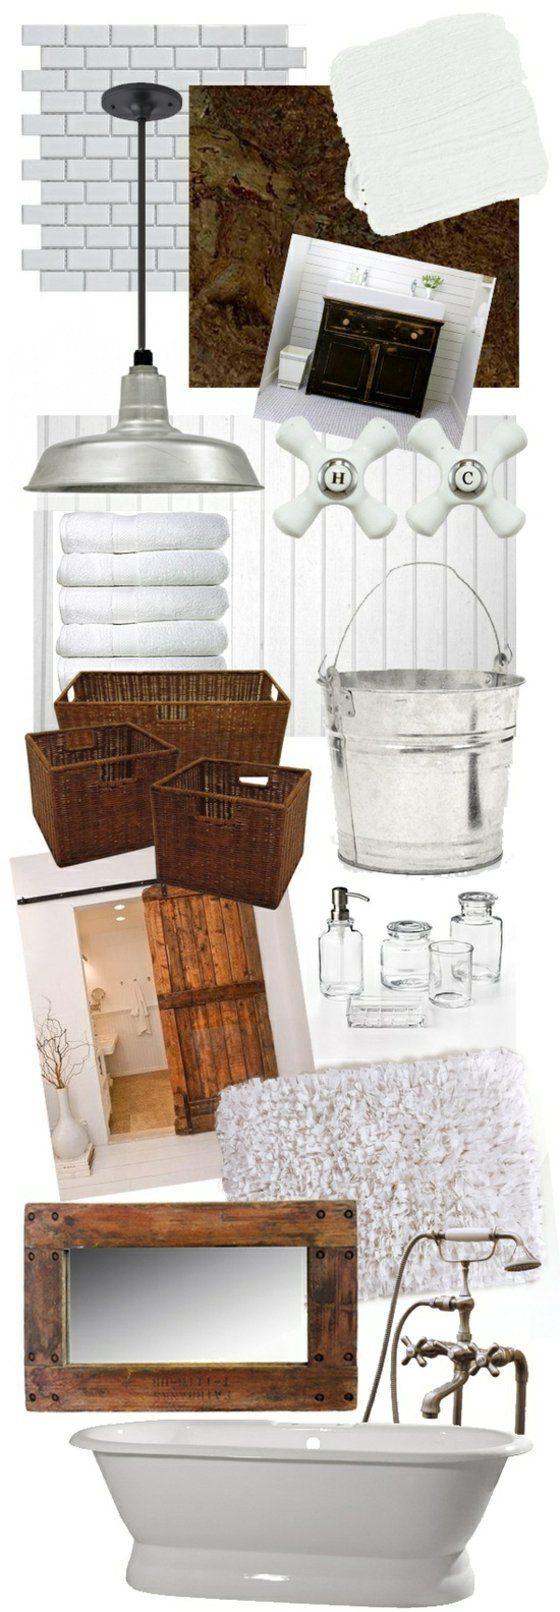 Badezimmer Ideen Im Landhausstil Rustikale Bad Möbel